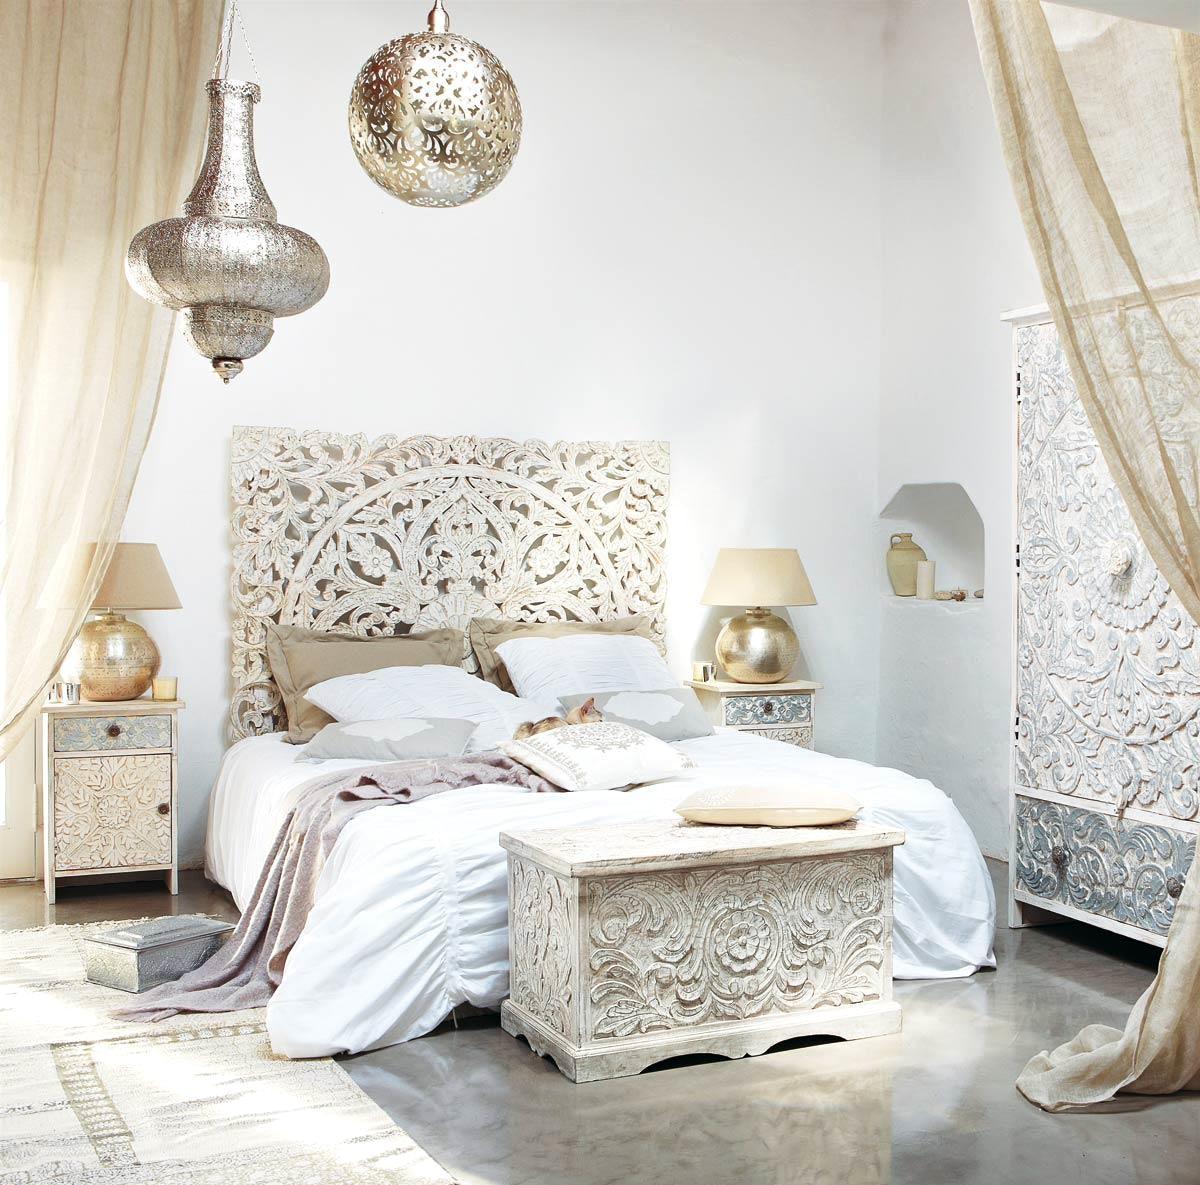 Оформление изголовья кровати в восточном стиле